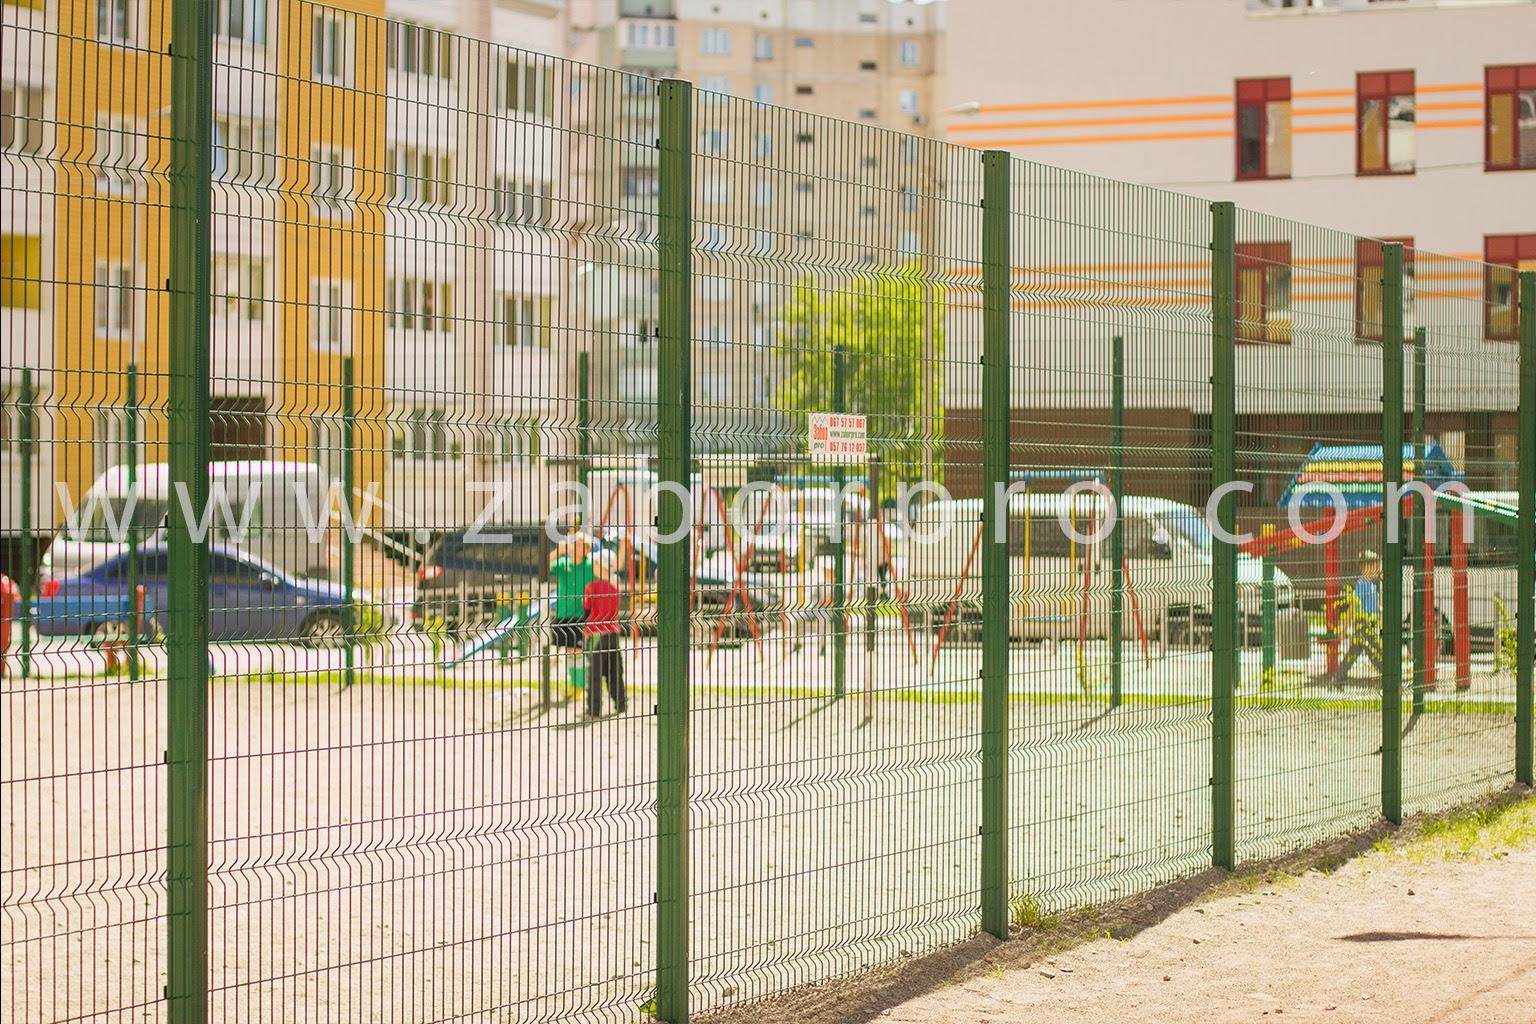 ограждение многоквартирного дома, спортивной и детской площадок-0019